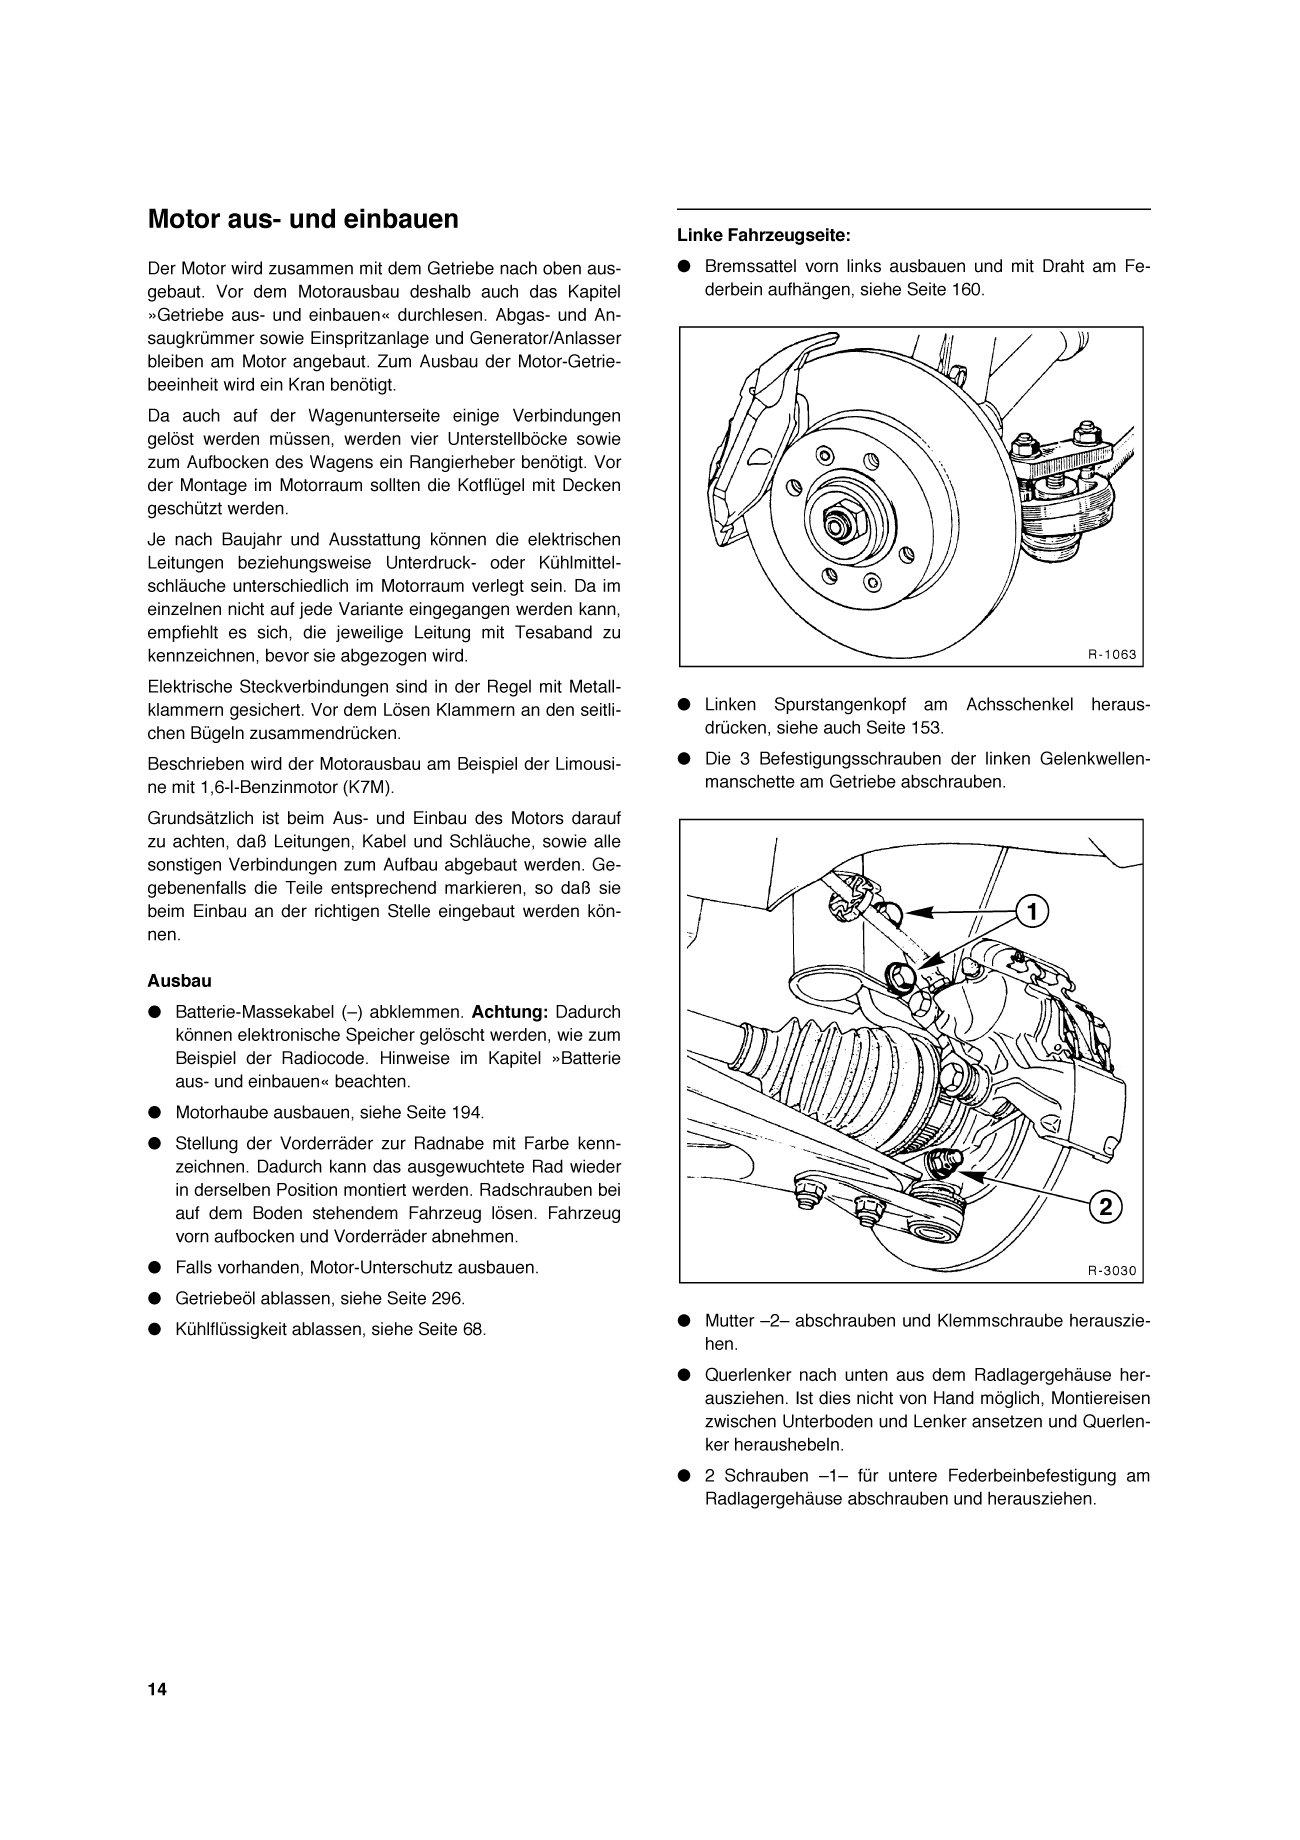 Beste 3 Draht Gm Generator Ideen - Der Schaltplan - triangre.info